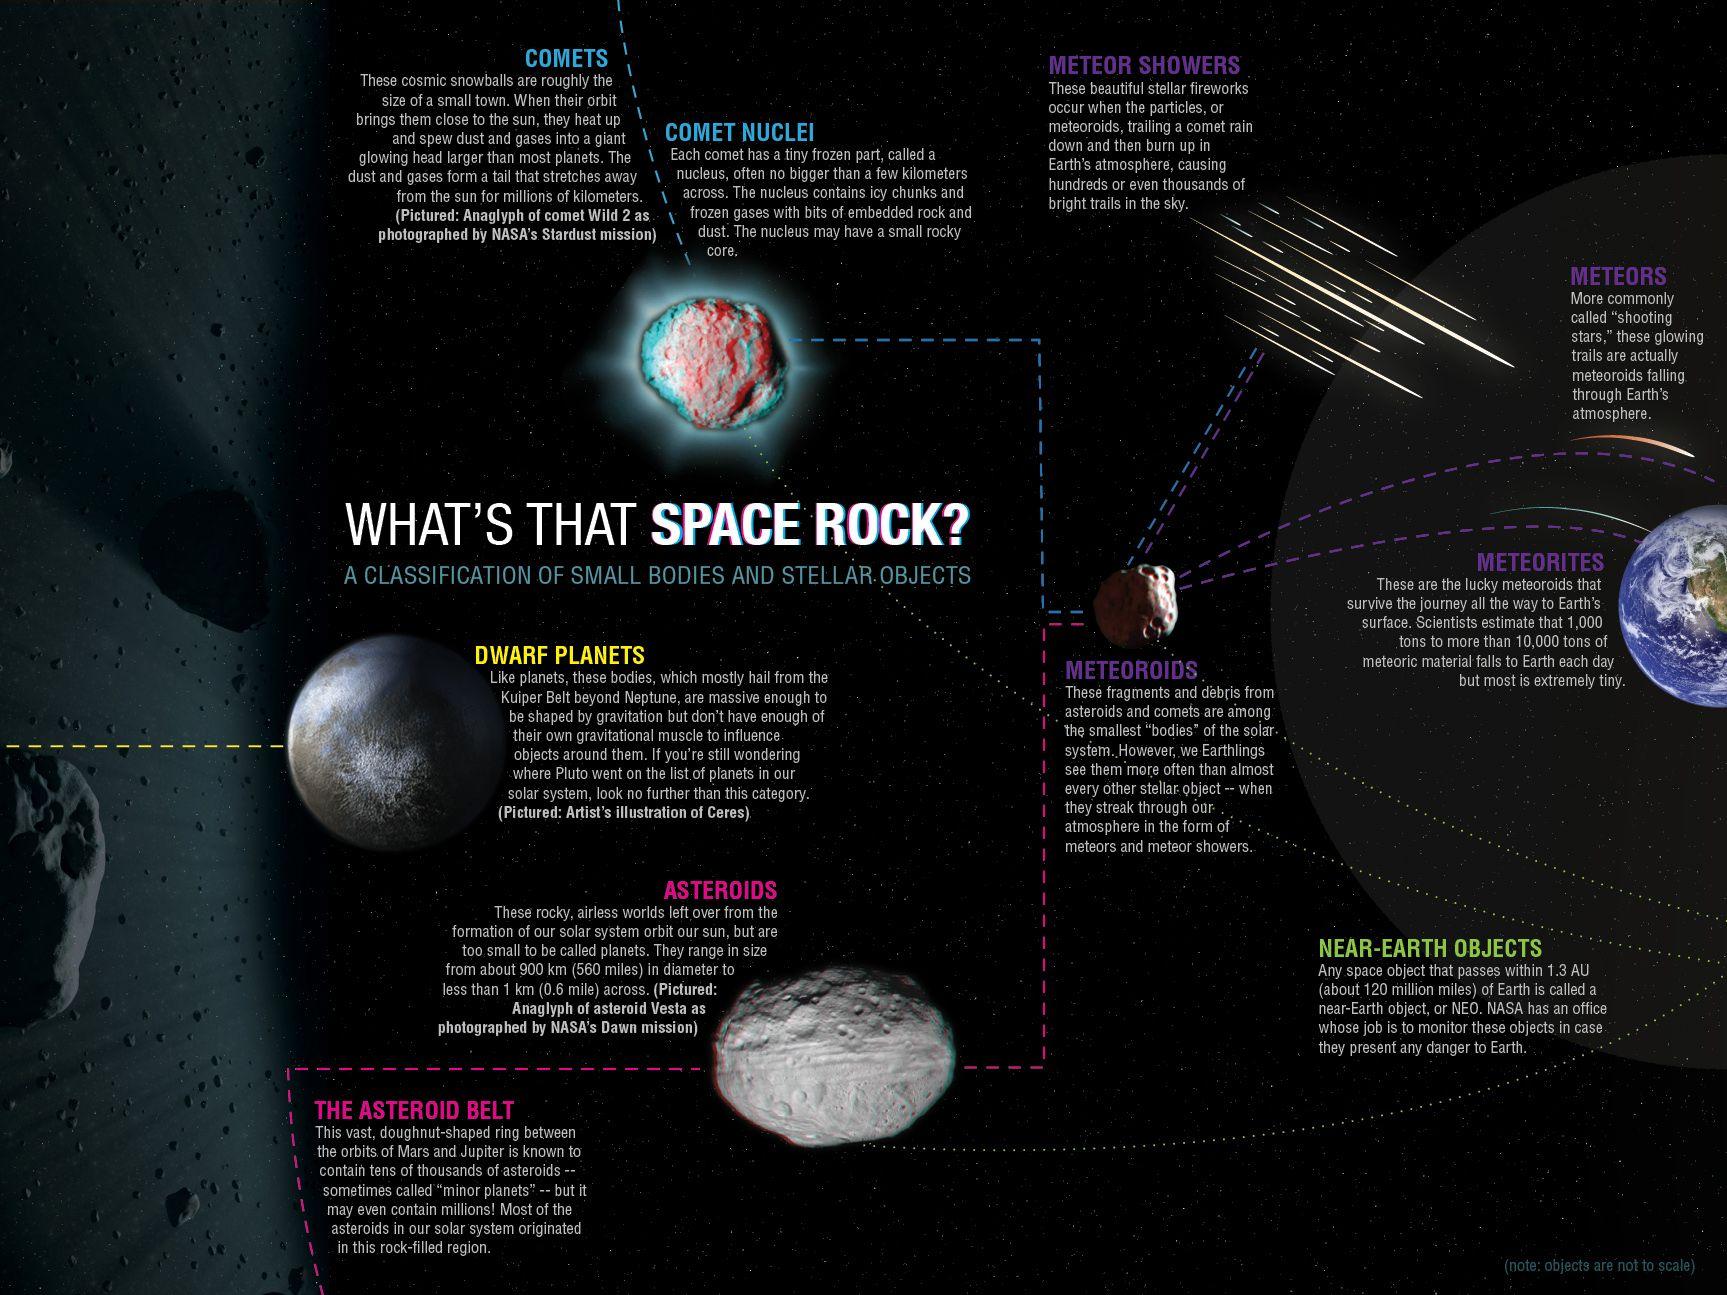 Illustration by NASA/JPL